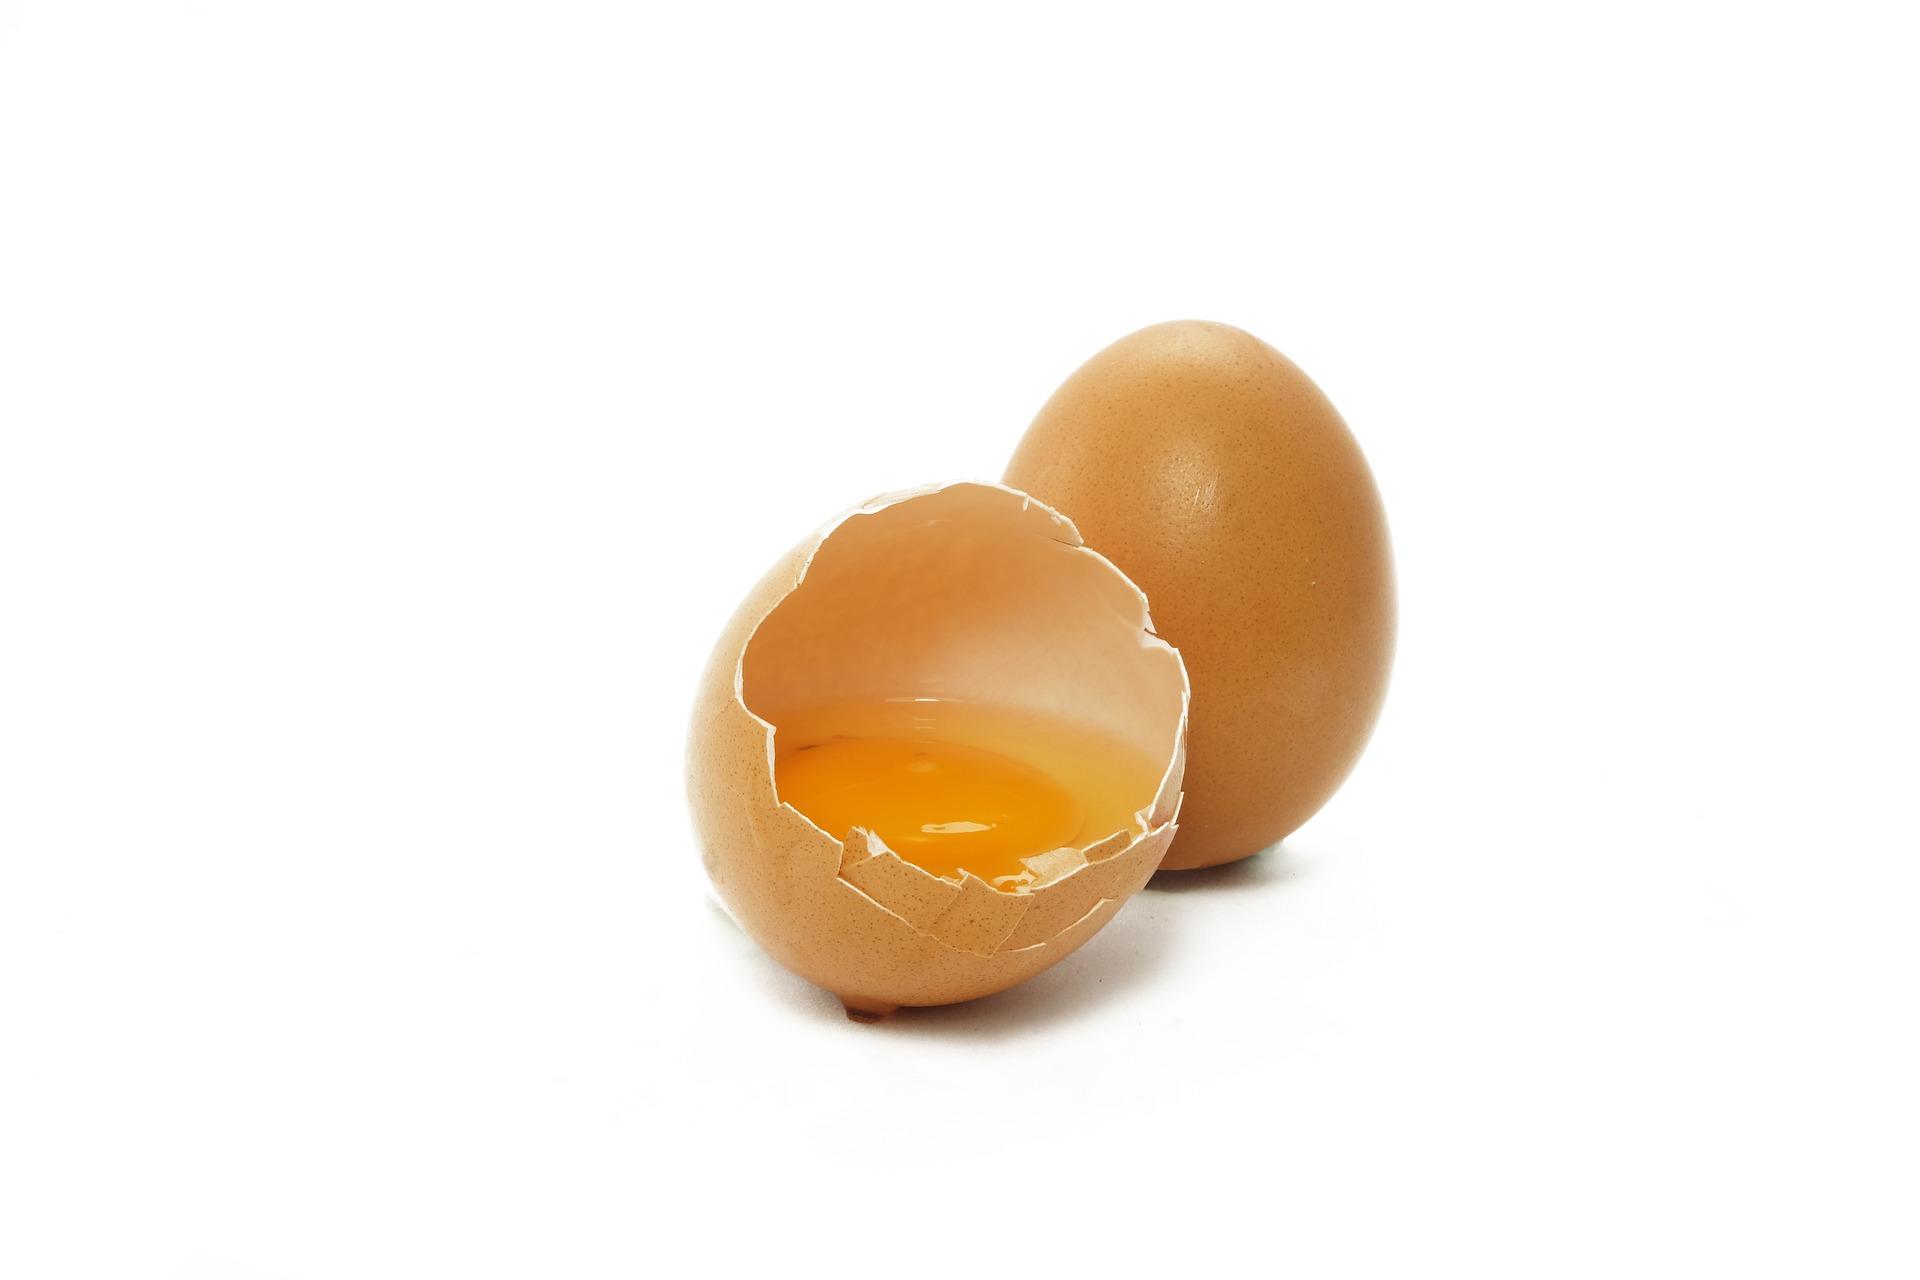 egg-2796898_1920